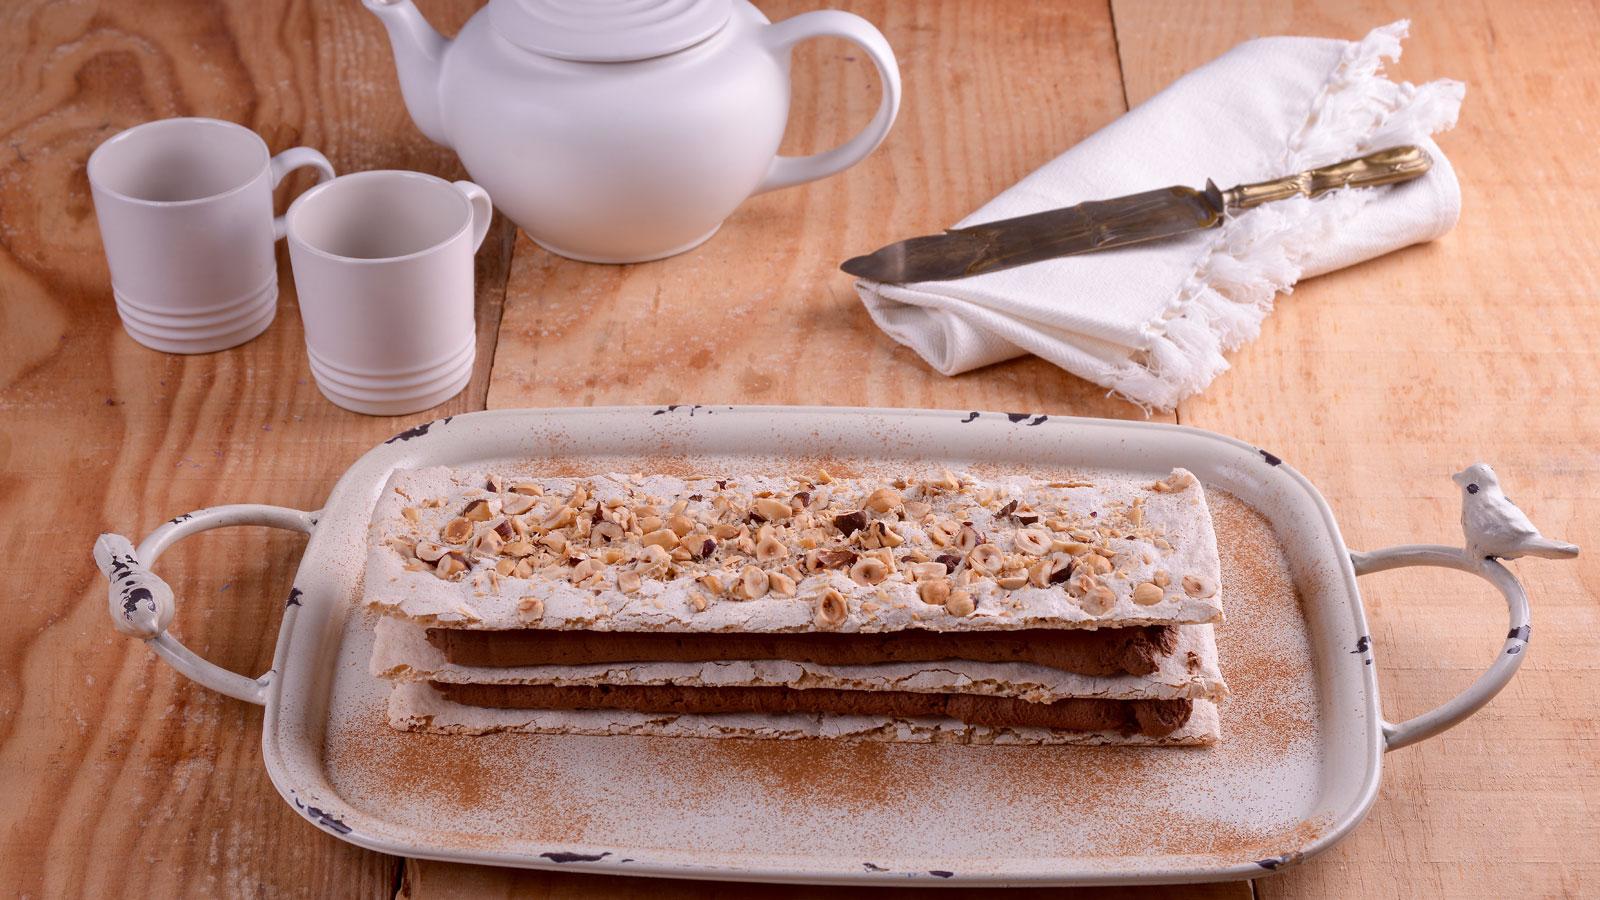 Vacherin de avellanas y chocolate elena aymerich for Canal cocina cocina de familia